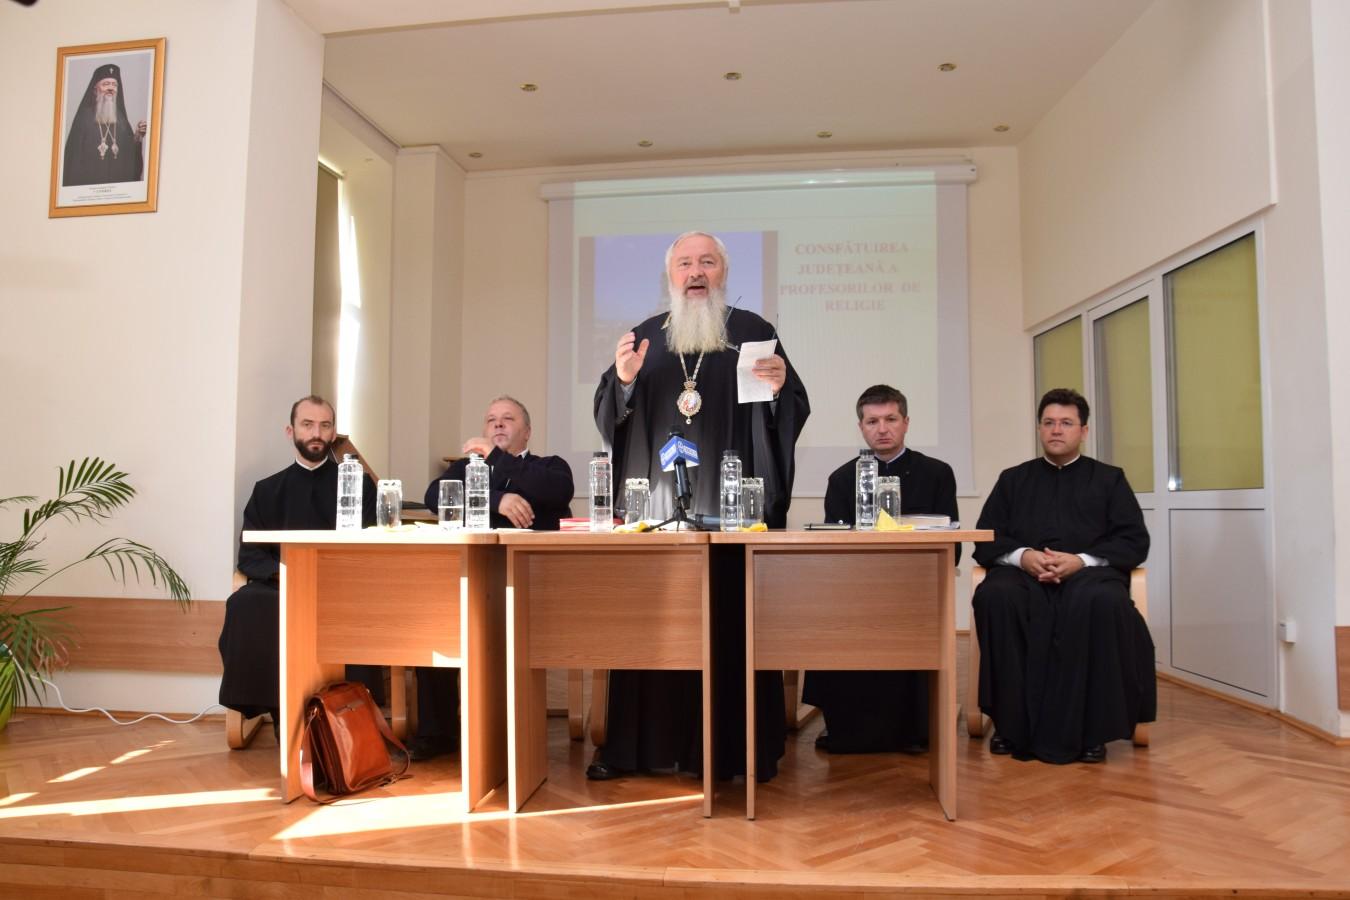 Consfătuirea profesorilor de religie din județul Cluj